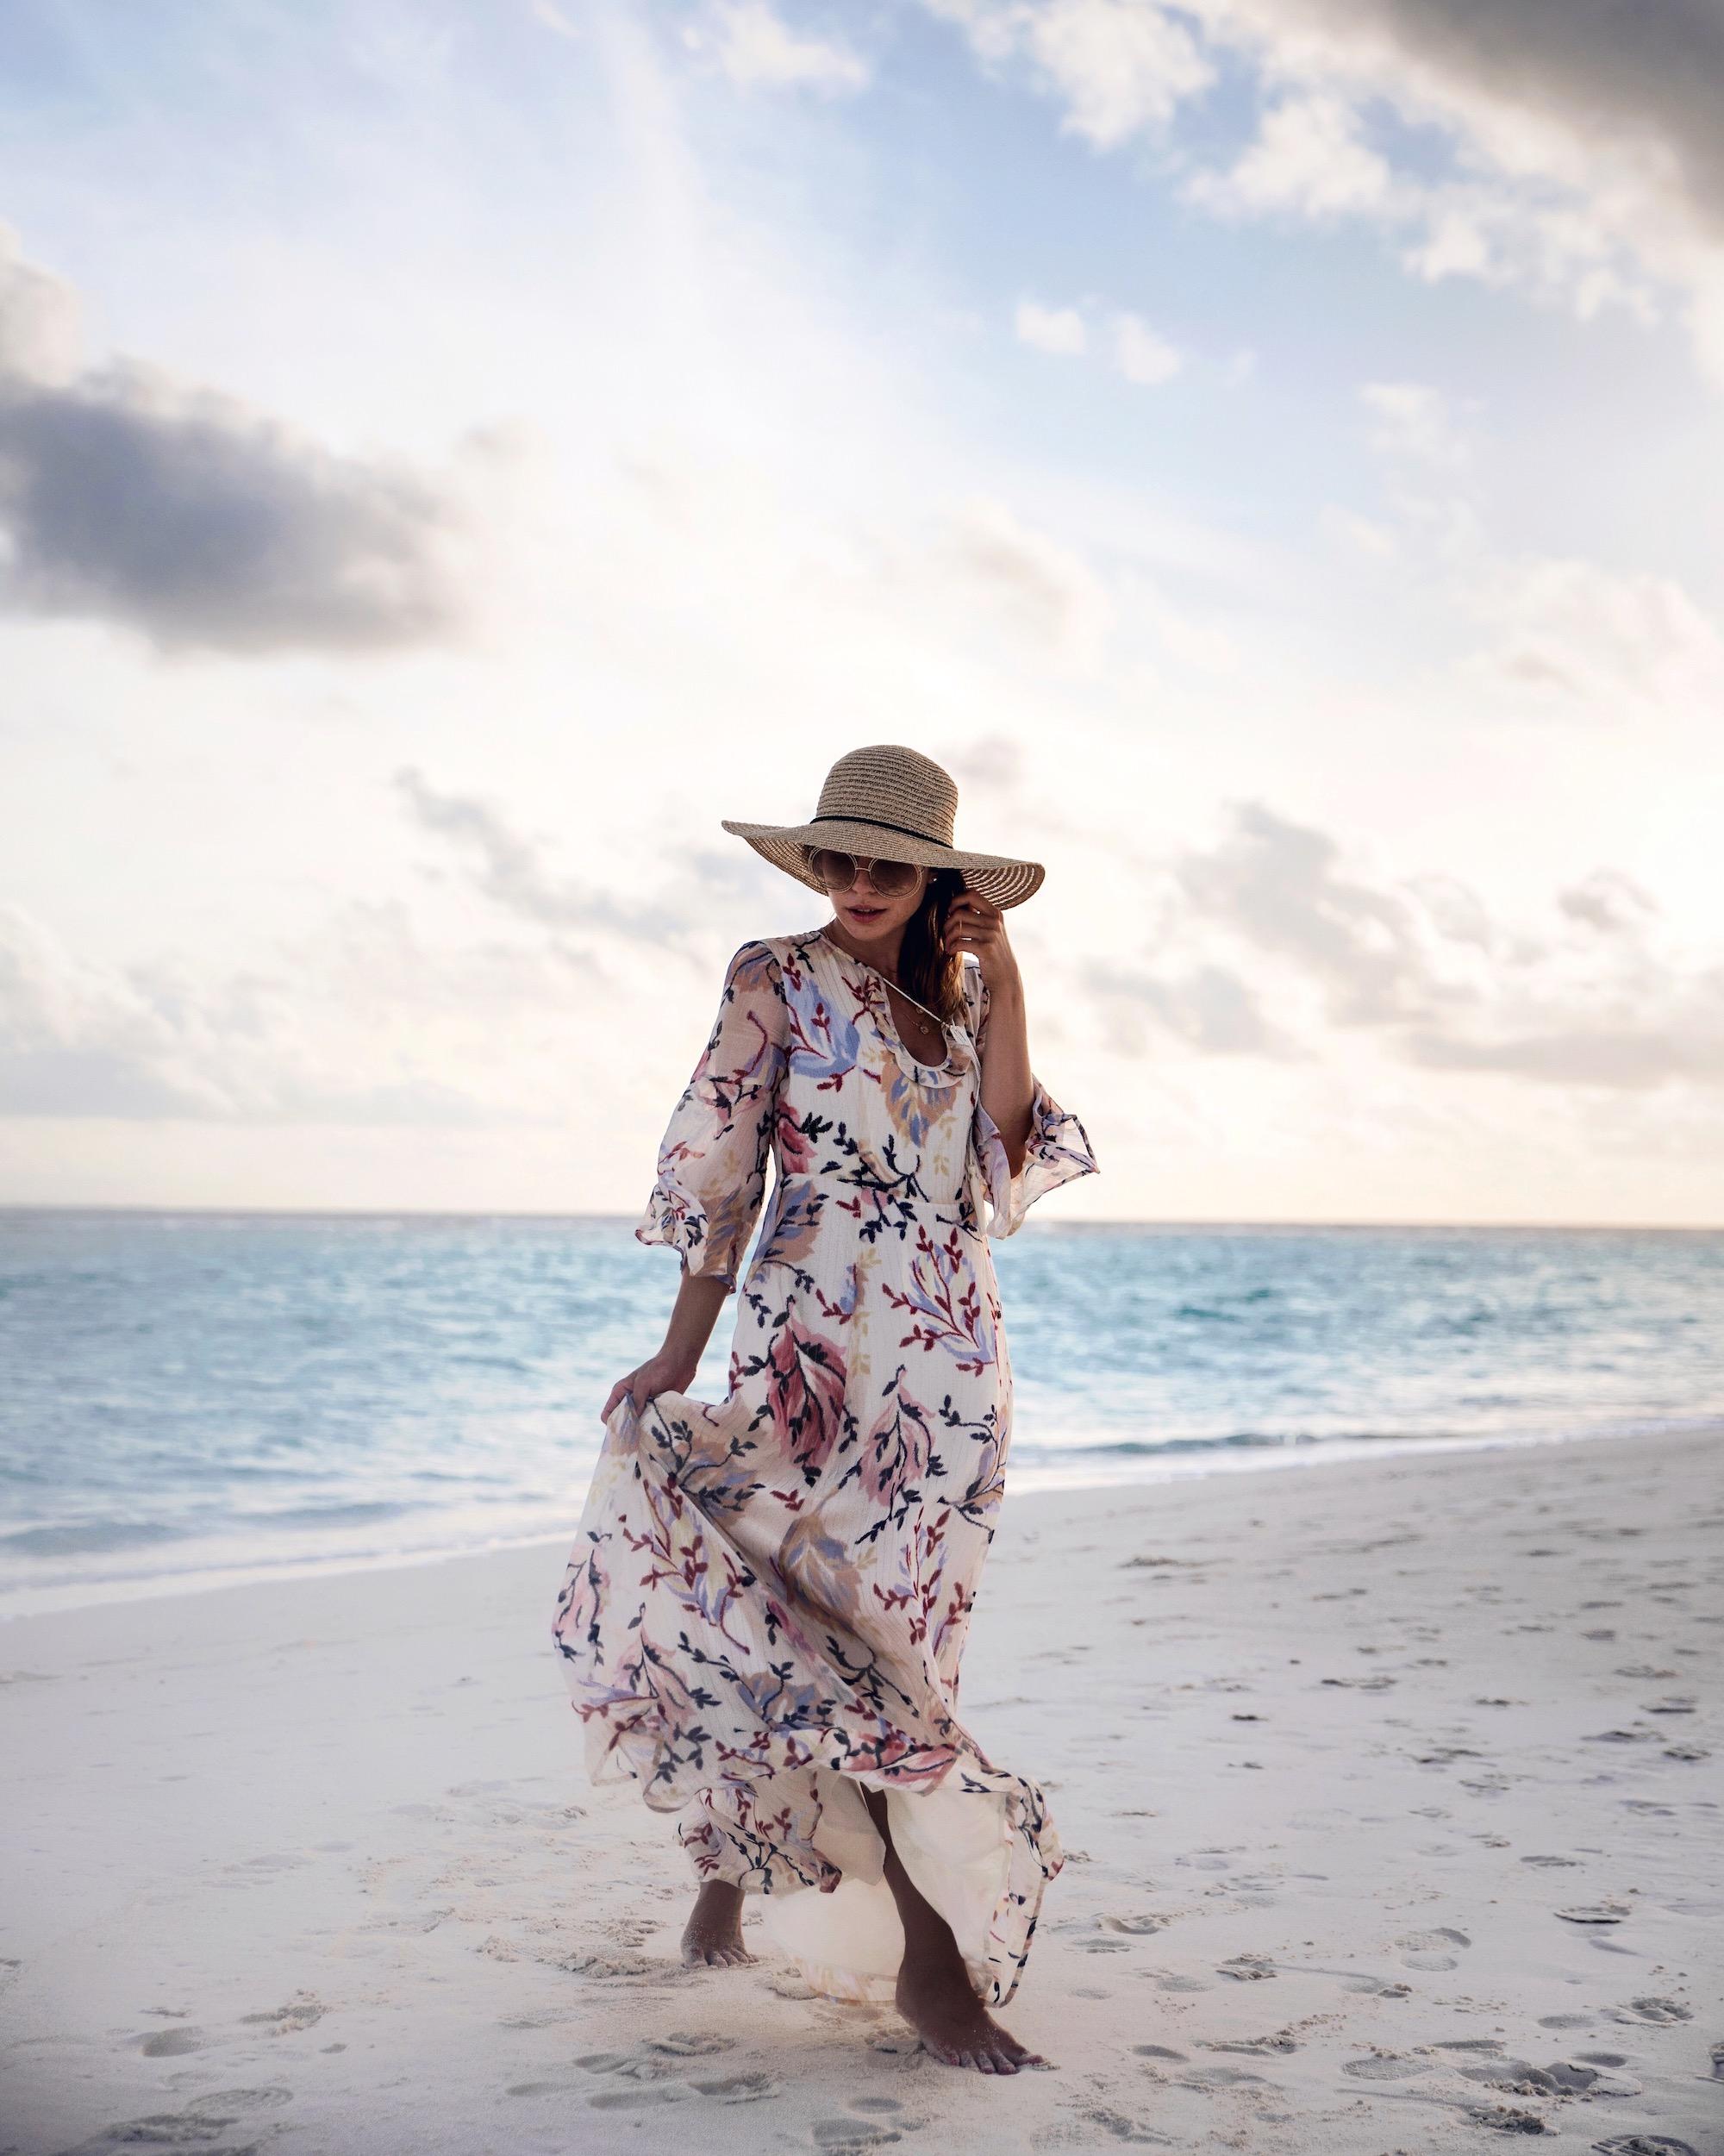 Shop my Look: Meine Malediven Looks direkt zum Nachshoppen